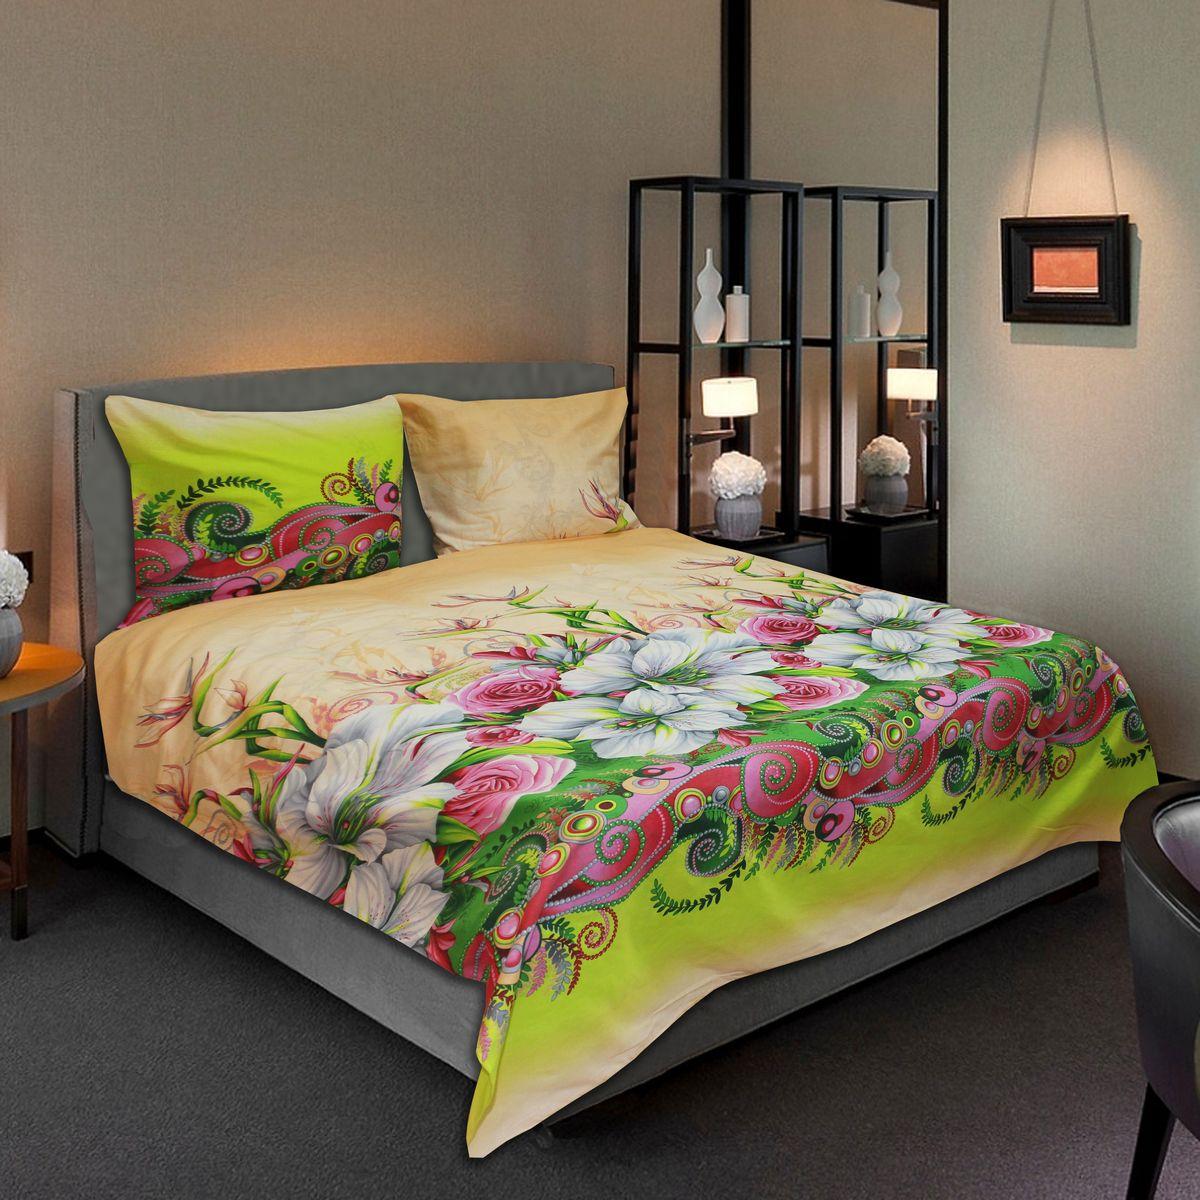 Комплект белья Amore Mio Sweet, 2-спальный, наволочки 70х7077714Комплект постельного белья Amore Mio является экологически безопасным для всей семьи, так как выполнен из бязи (100% хлопок). Комплект состоит из пододеяльника, простыни и двух наволочек. Постельное белье оформлено оригинальным рисунком и имеет изысканный внешний вид.Легкая, плотная, мягкая ткань отлично стирается, гладится, быстро сохнет. Рекомендации по уходу: Химчистка и отбеливание запрещены.Рекомендуется стирка в прохладной воде при температуре не выше 30°С.